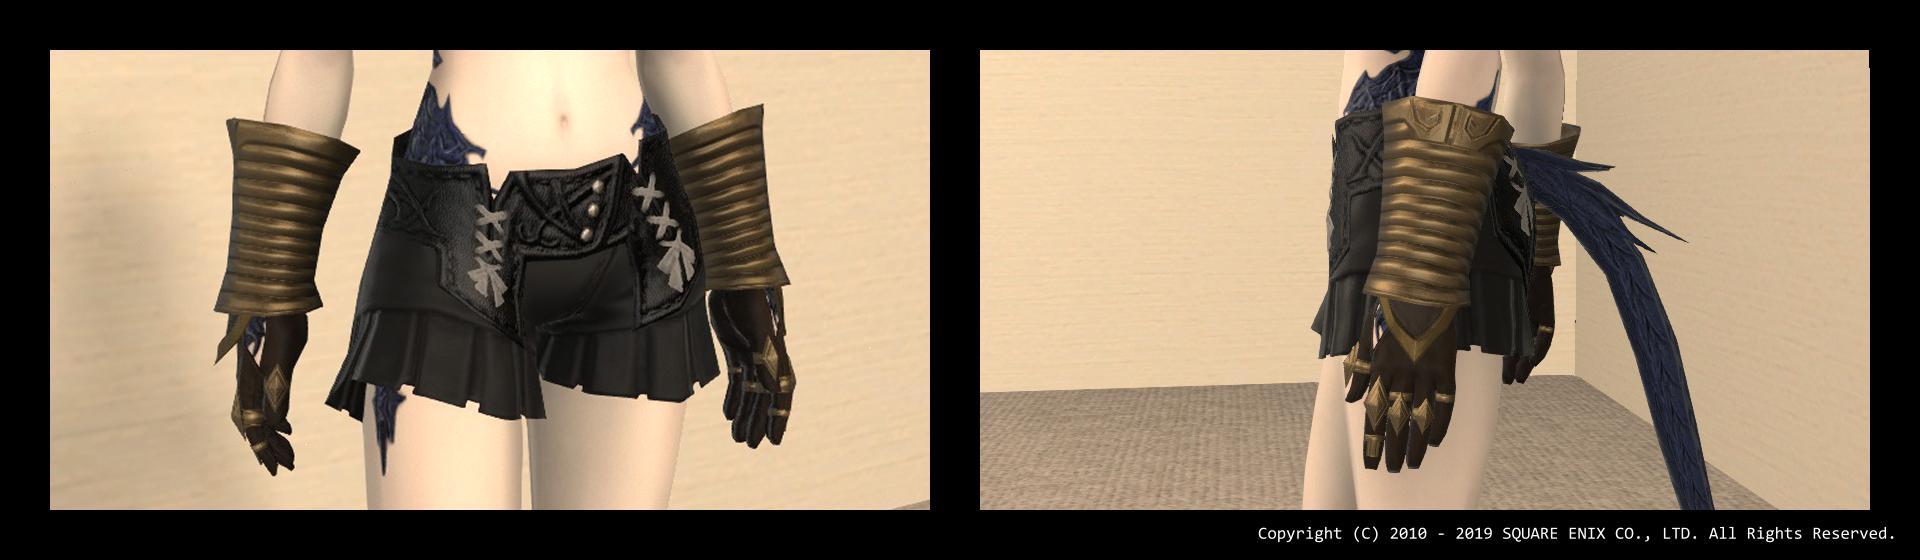 440-blmsmnrdmblu-hands